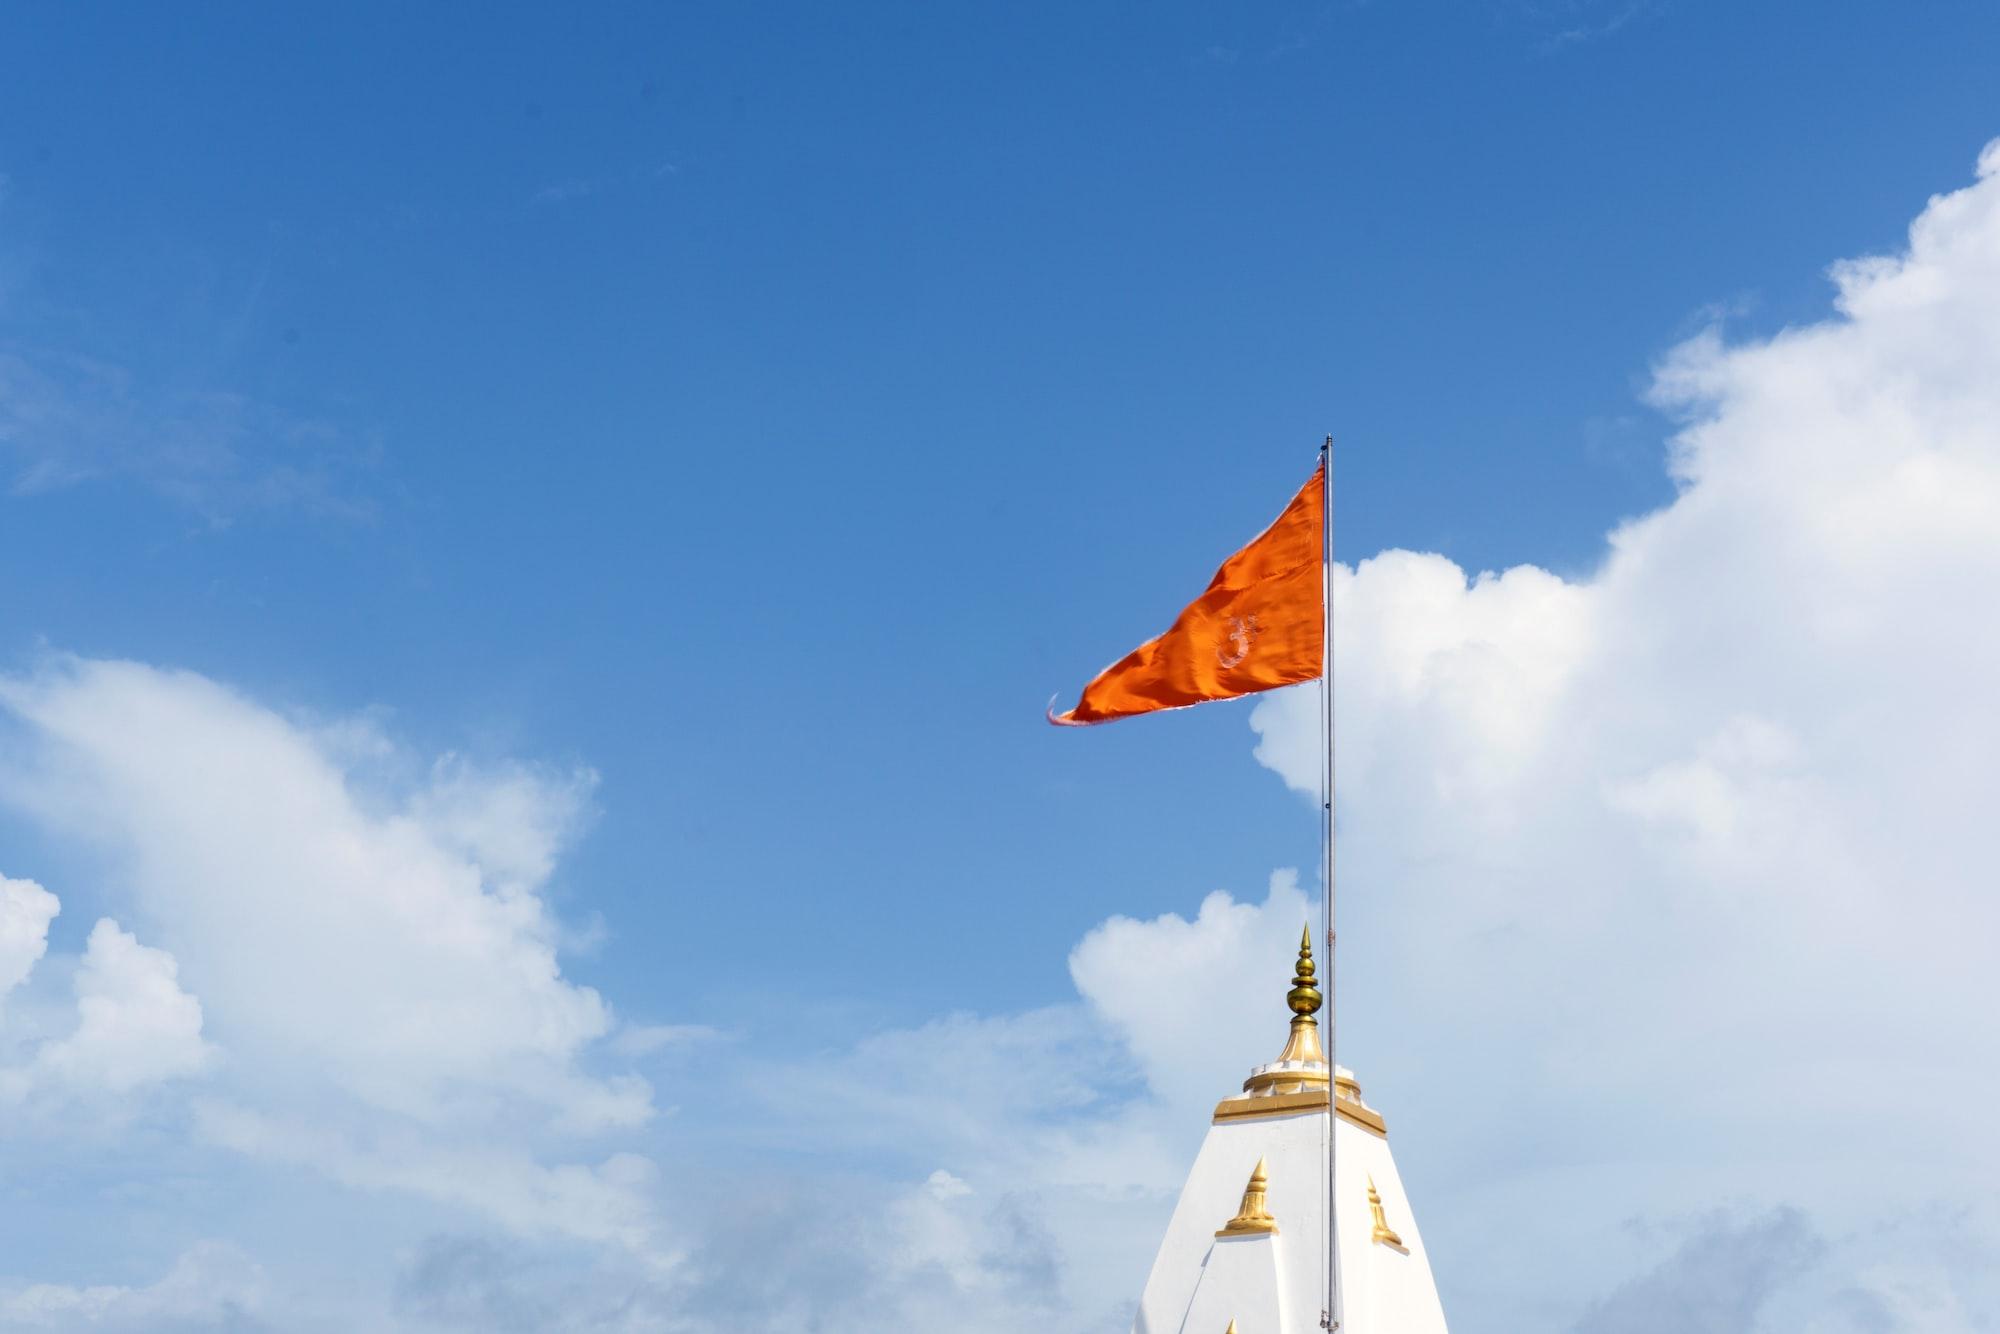 बड़ी जीत: एडिसन के मेयर ने जुलाई को 'हिंदू उत्पीड़न जागरुकता माह' किया घोषित